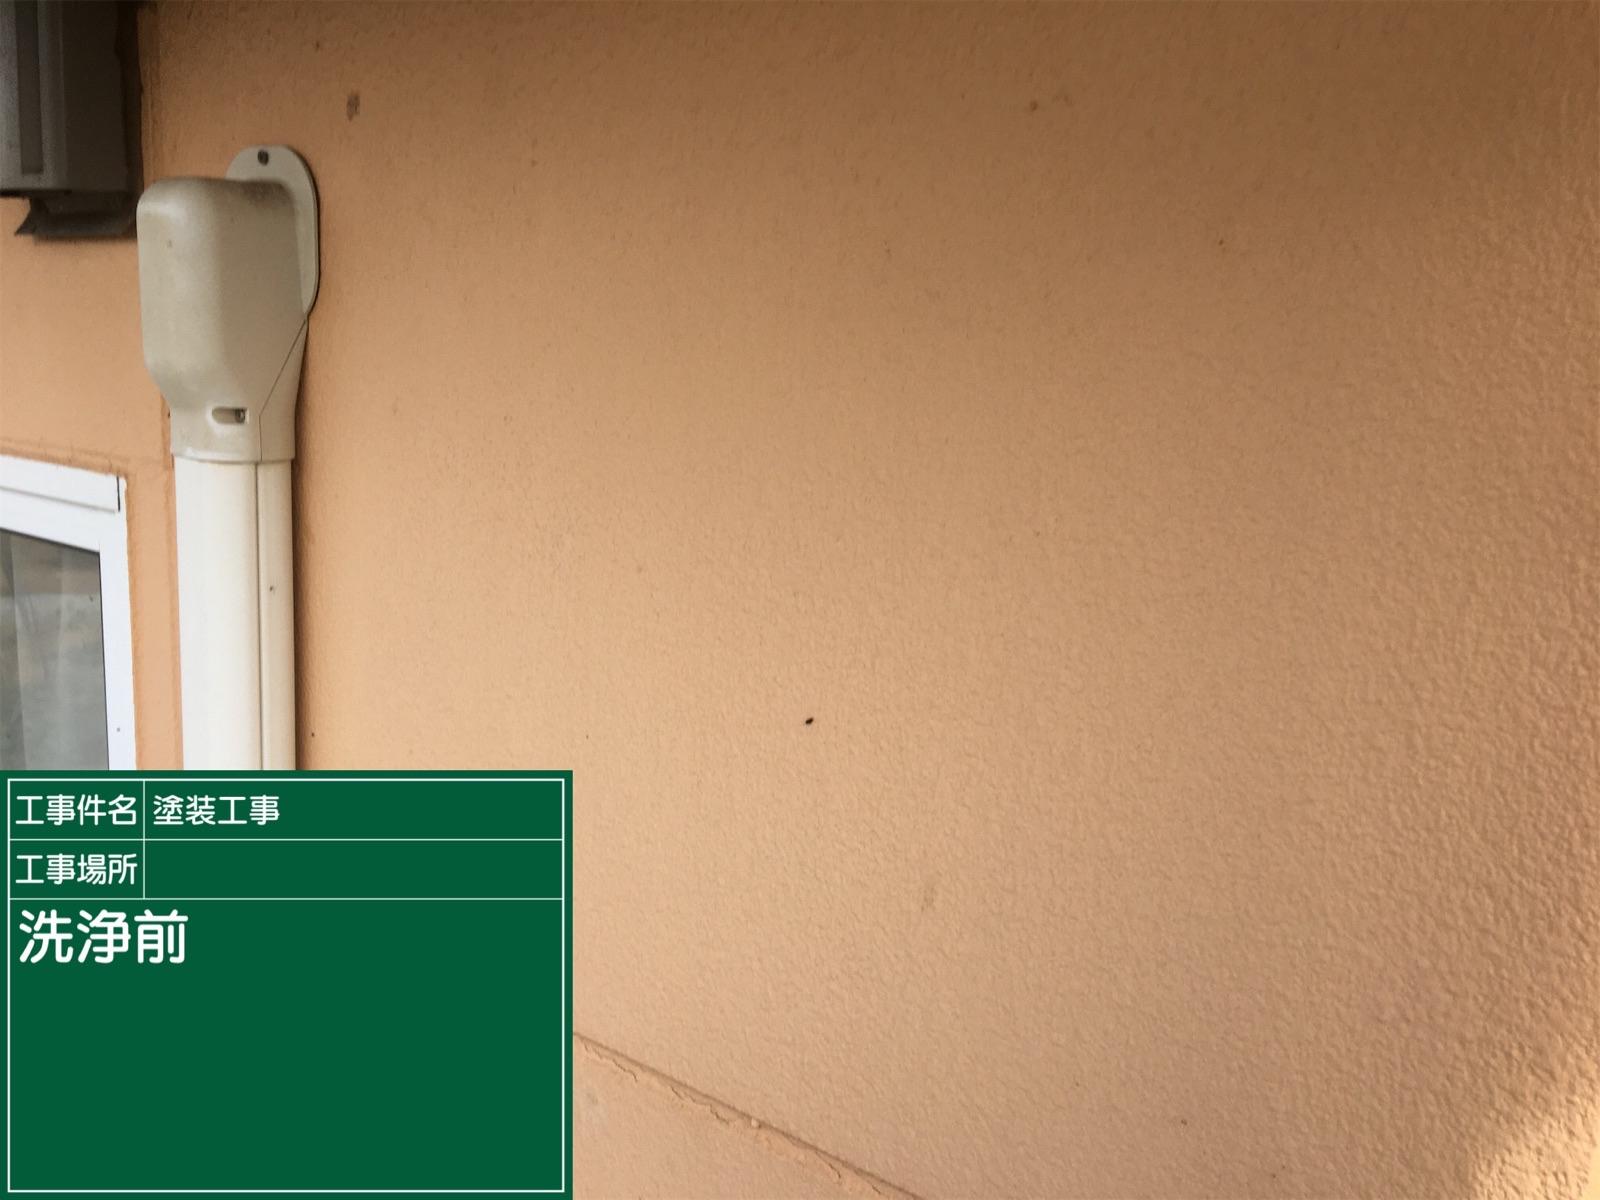 高圧洗浄前外壁300016